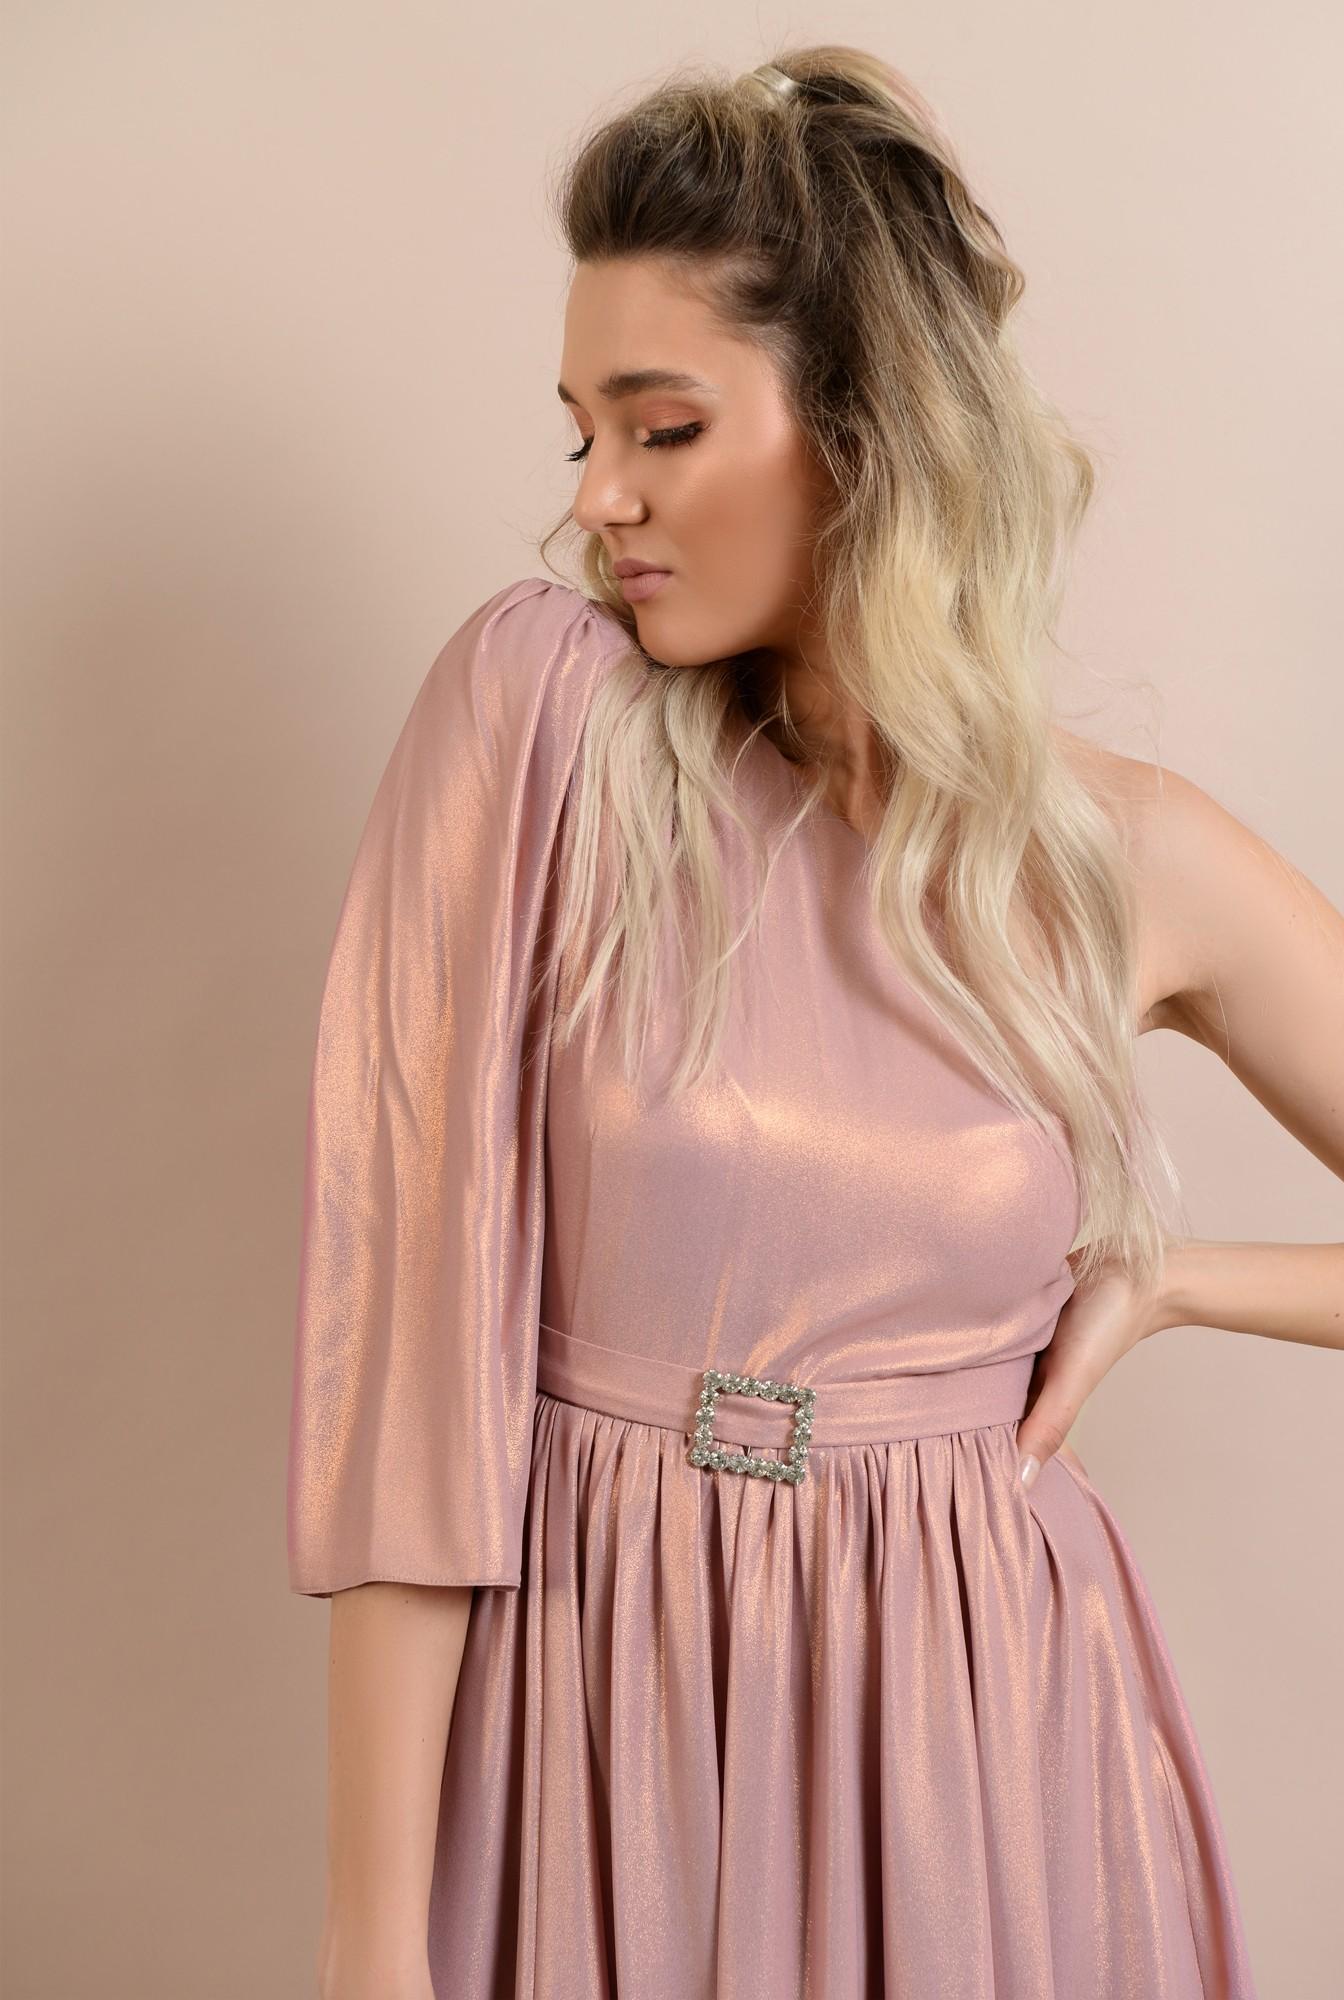 2 -  rochie de ocazie, cu o maneca, decolteu asimetric, clos, catarama decorativa, roz